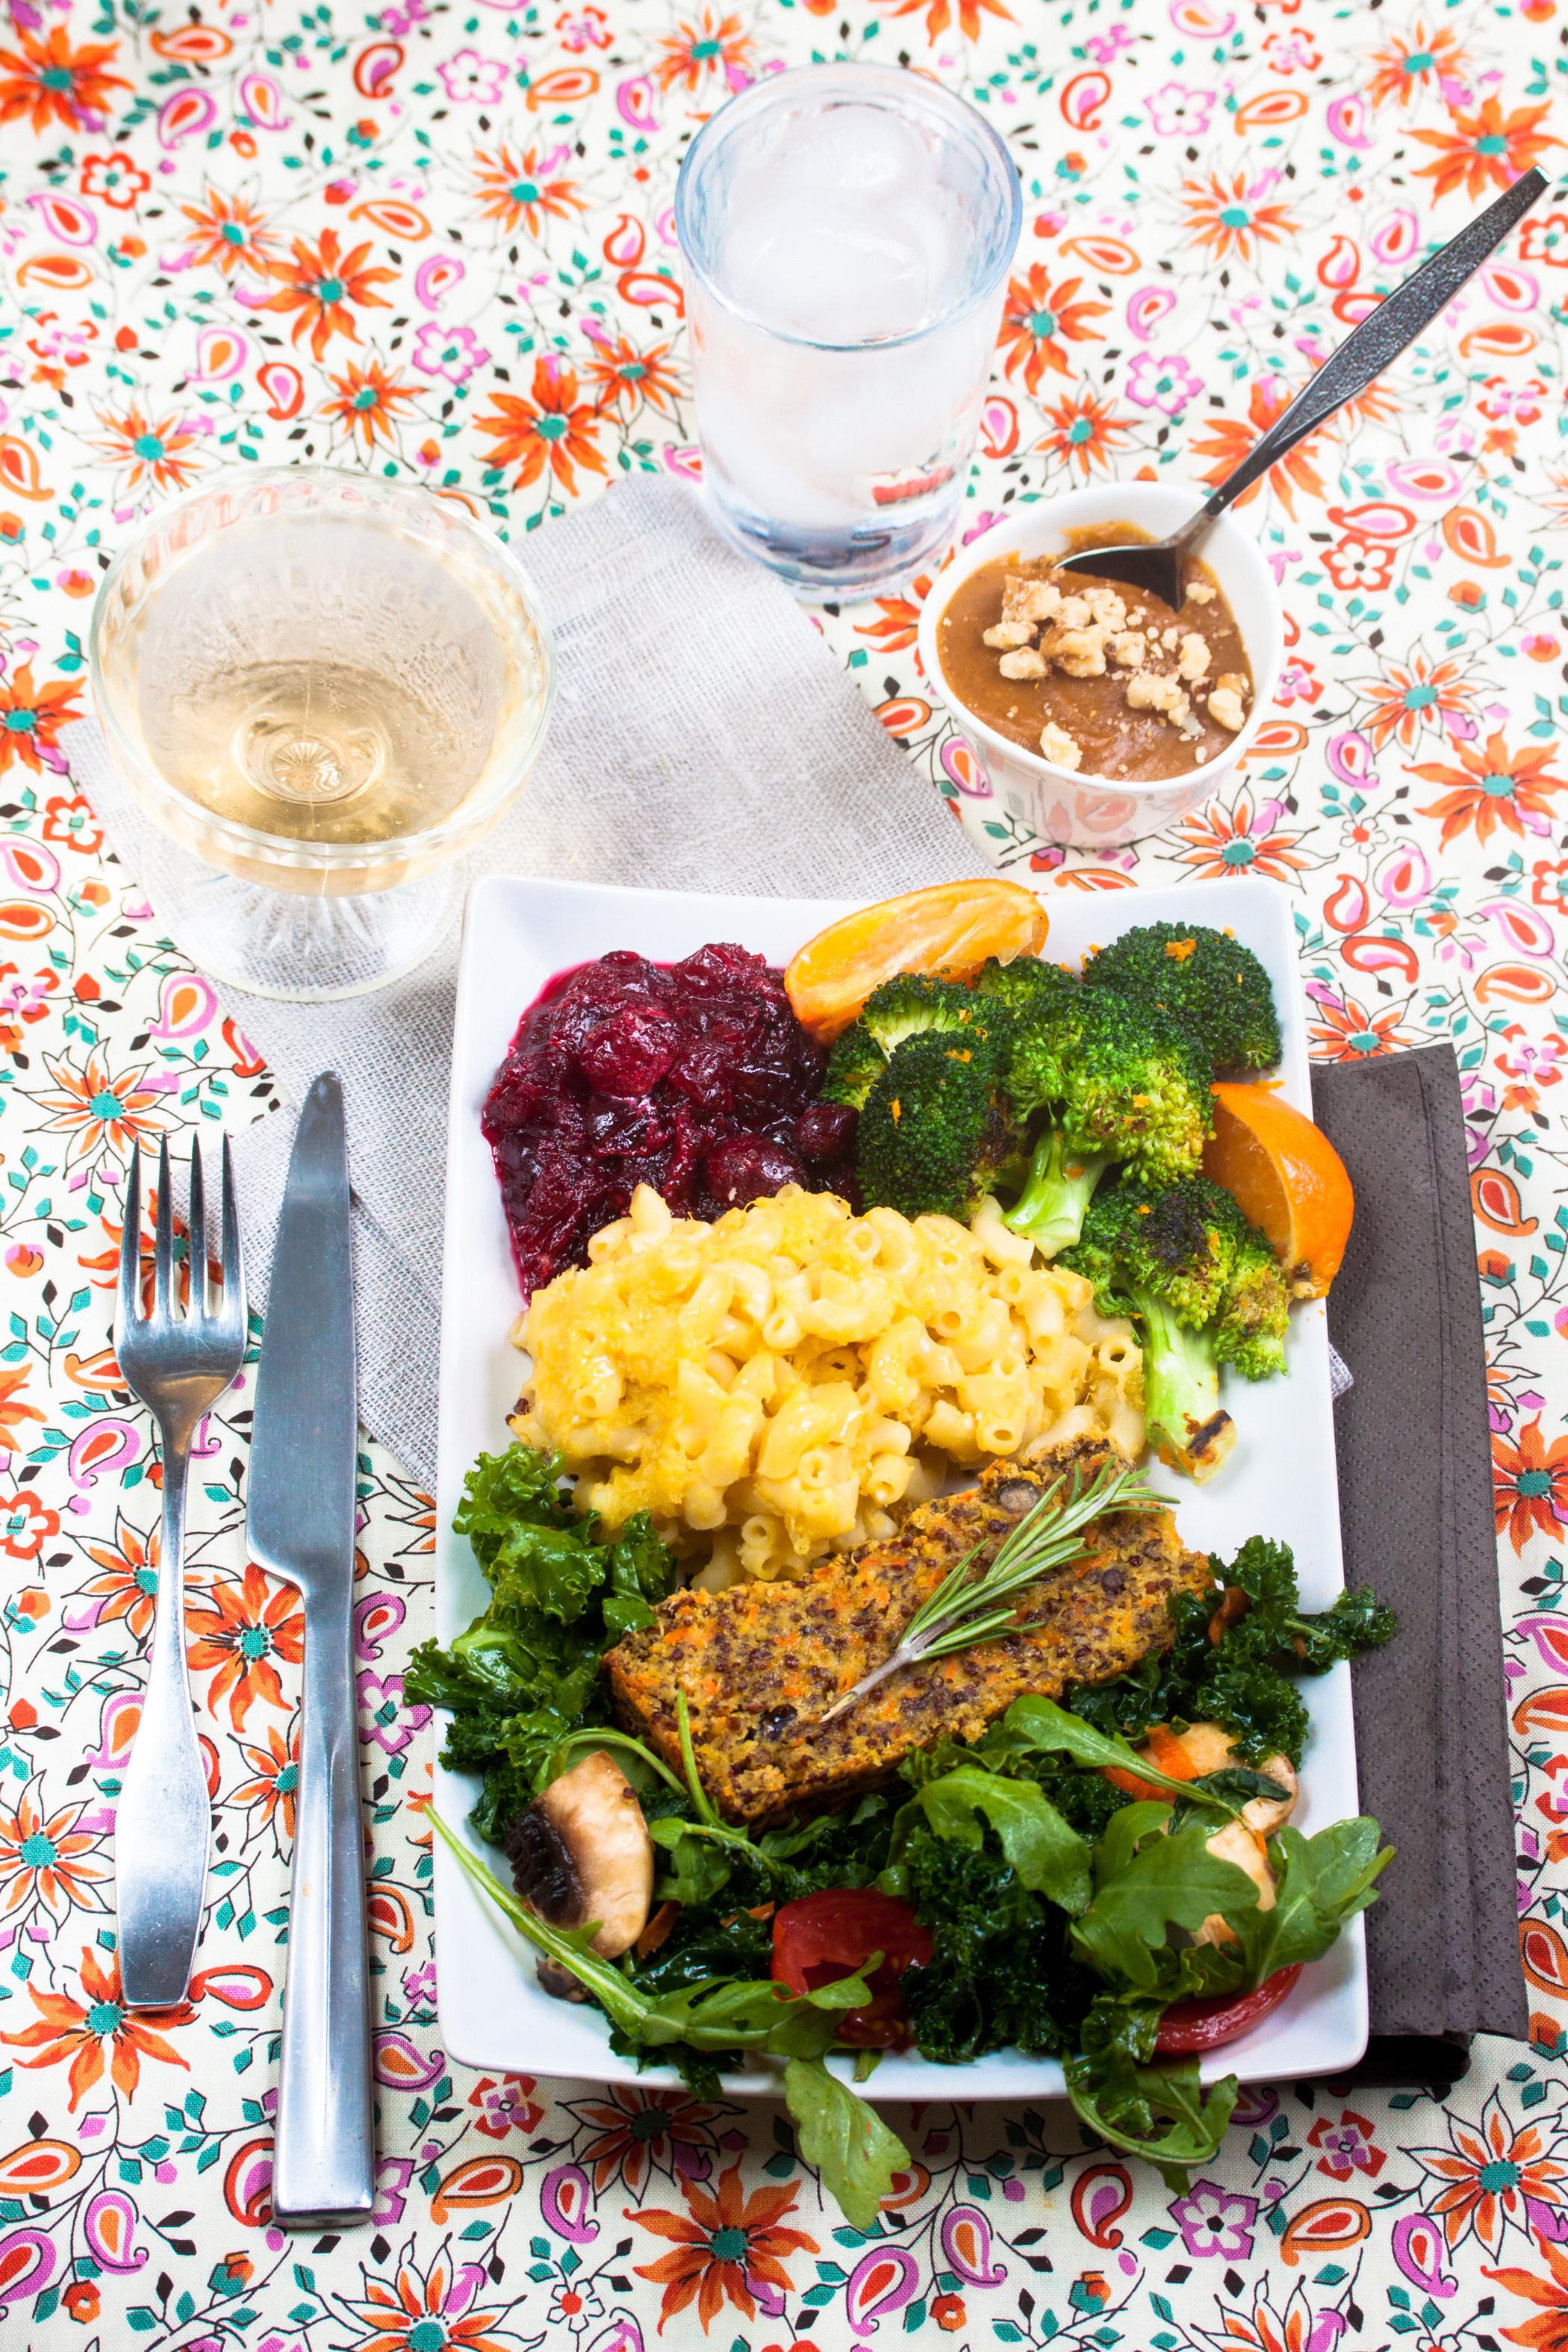 Gluten Free Thanksgiving Menu  Gluten Free Vegan Thanksgiving Menu